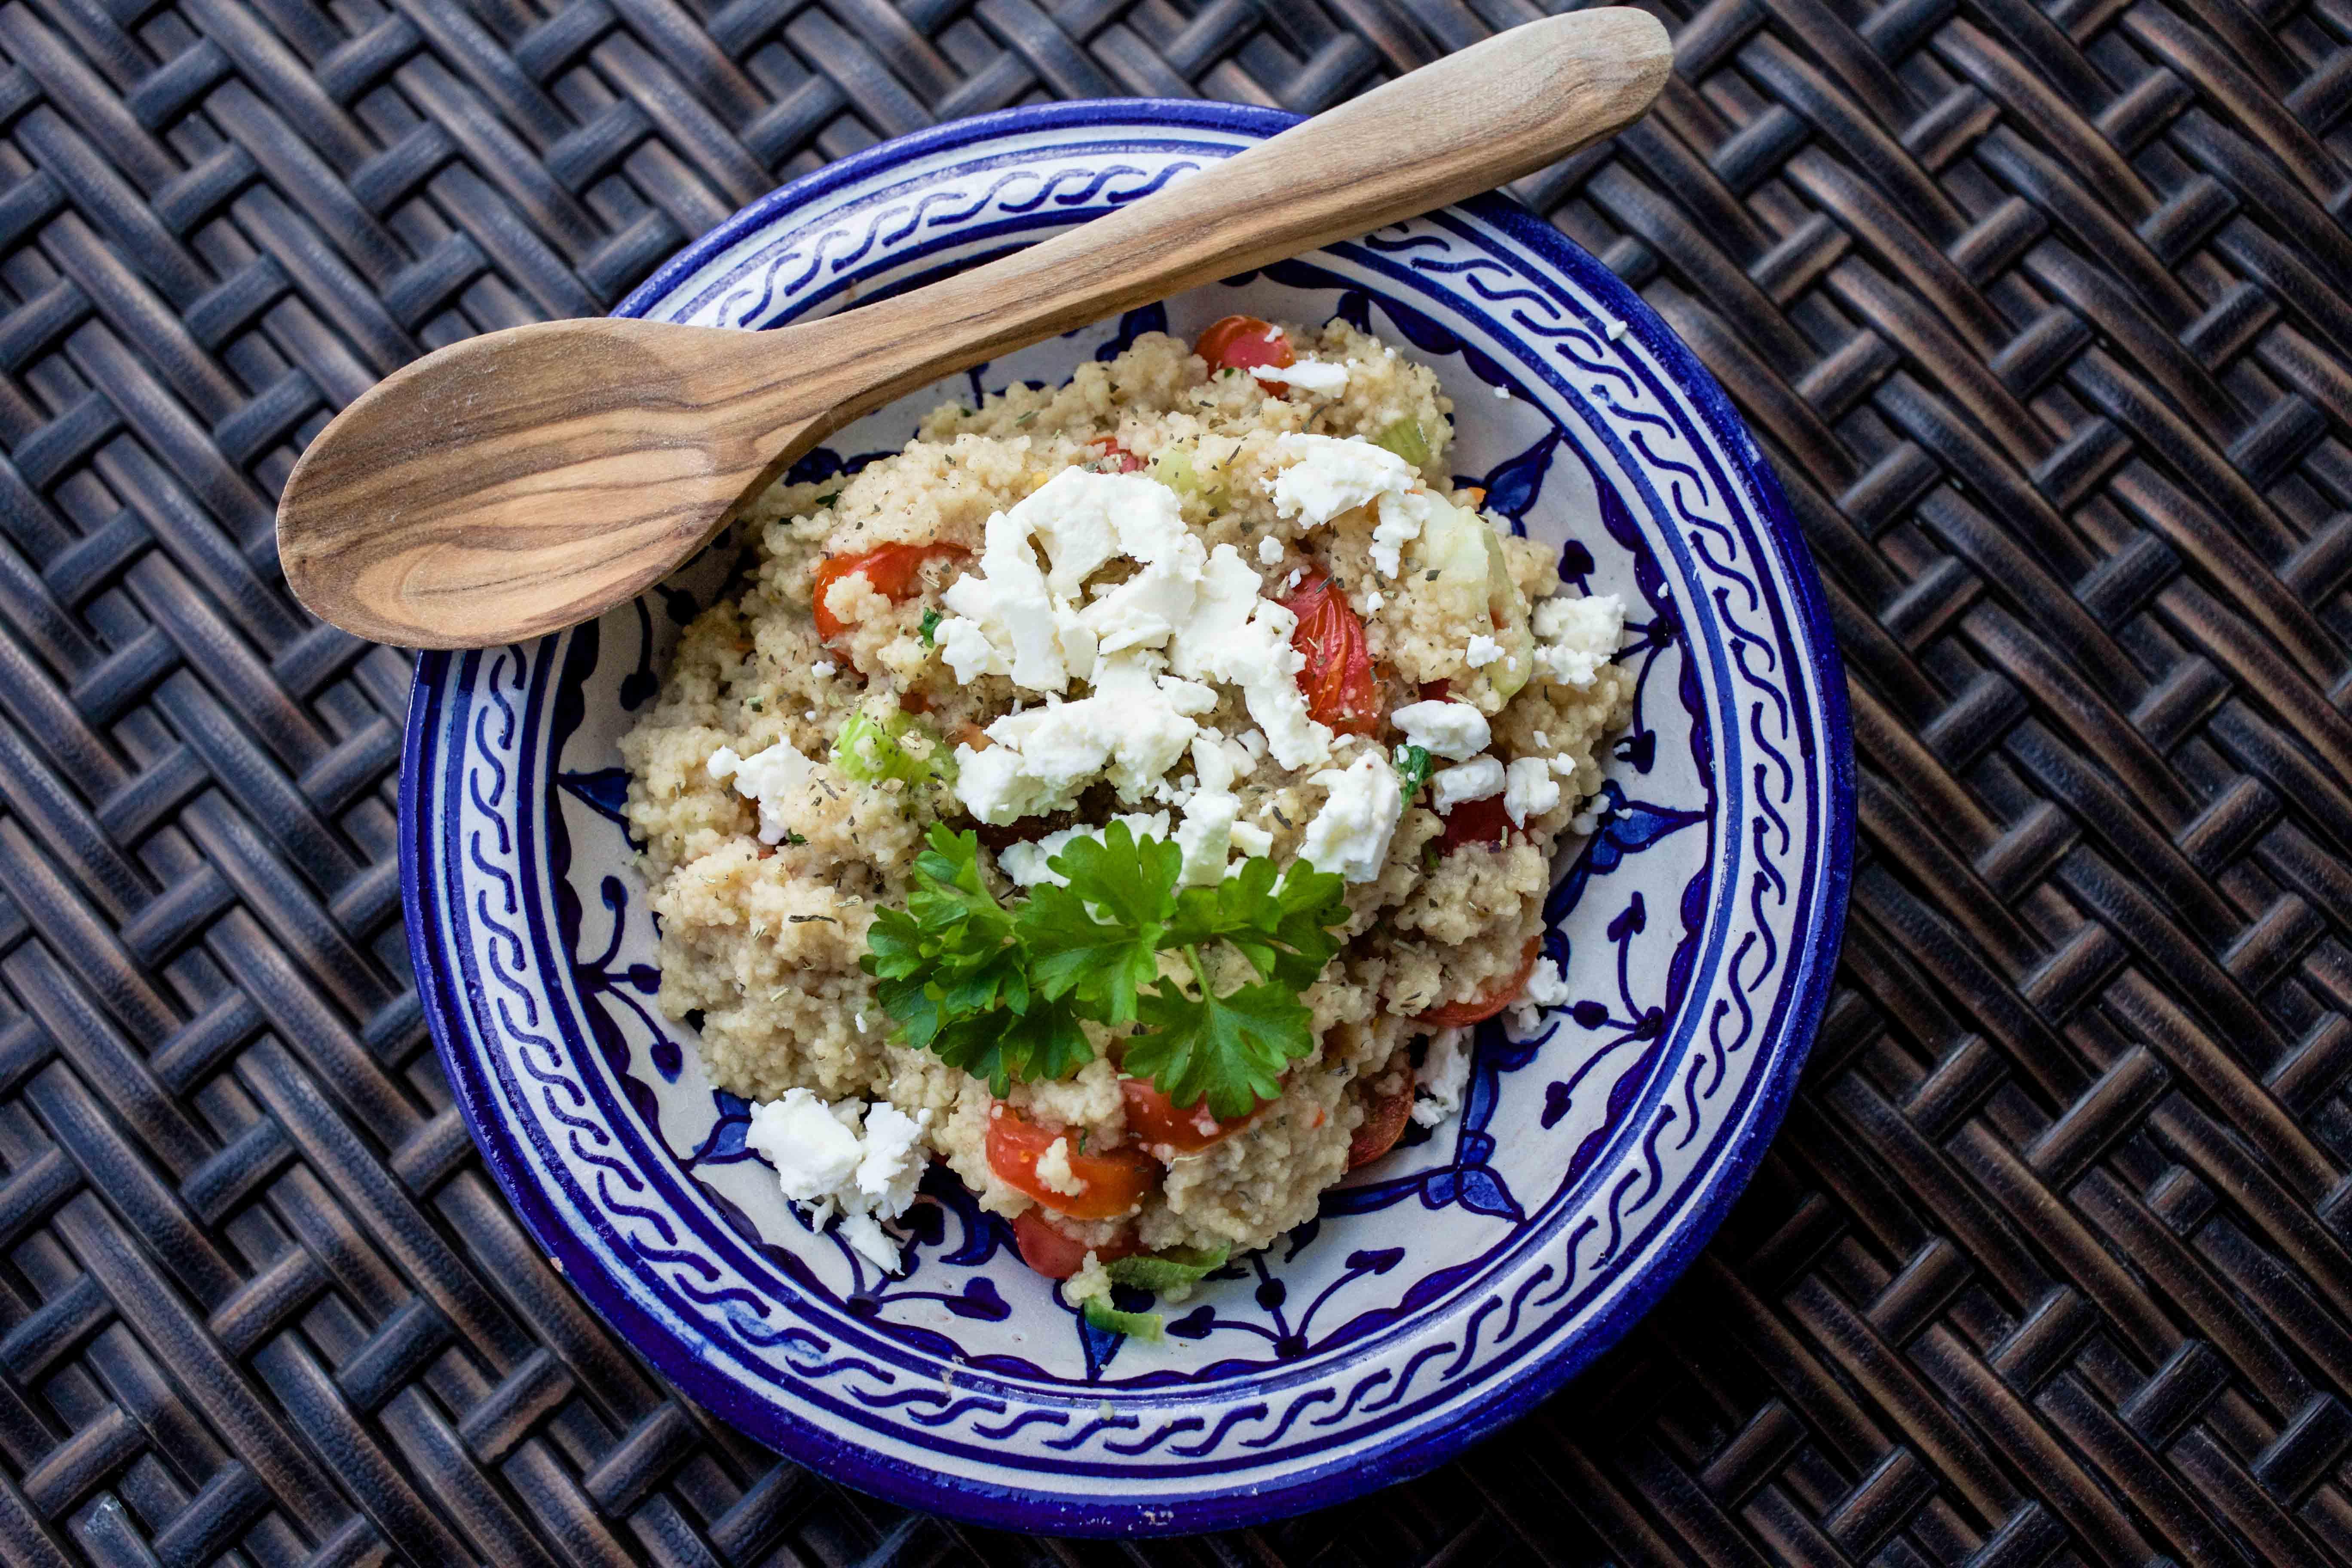 grill-rezepte-grillen-grillabend-beilagen-dessert-food-blog-essen_7408